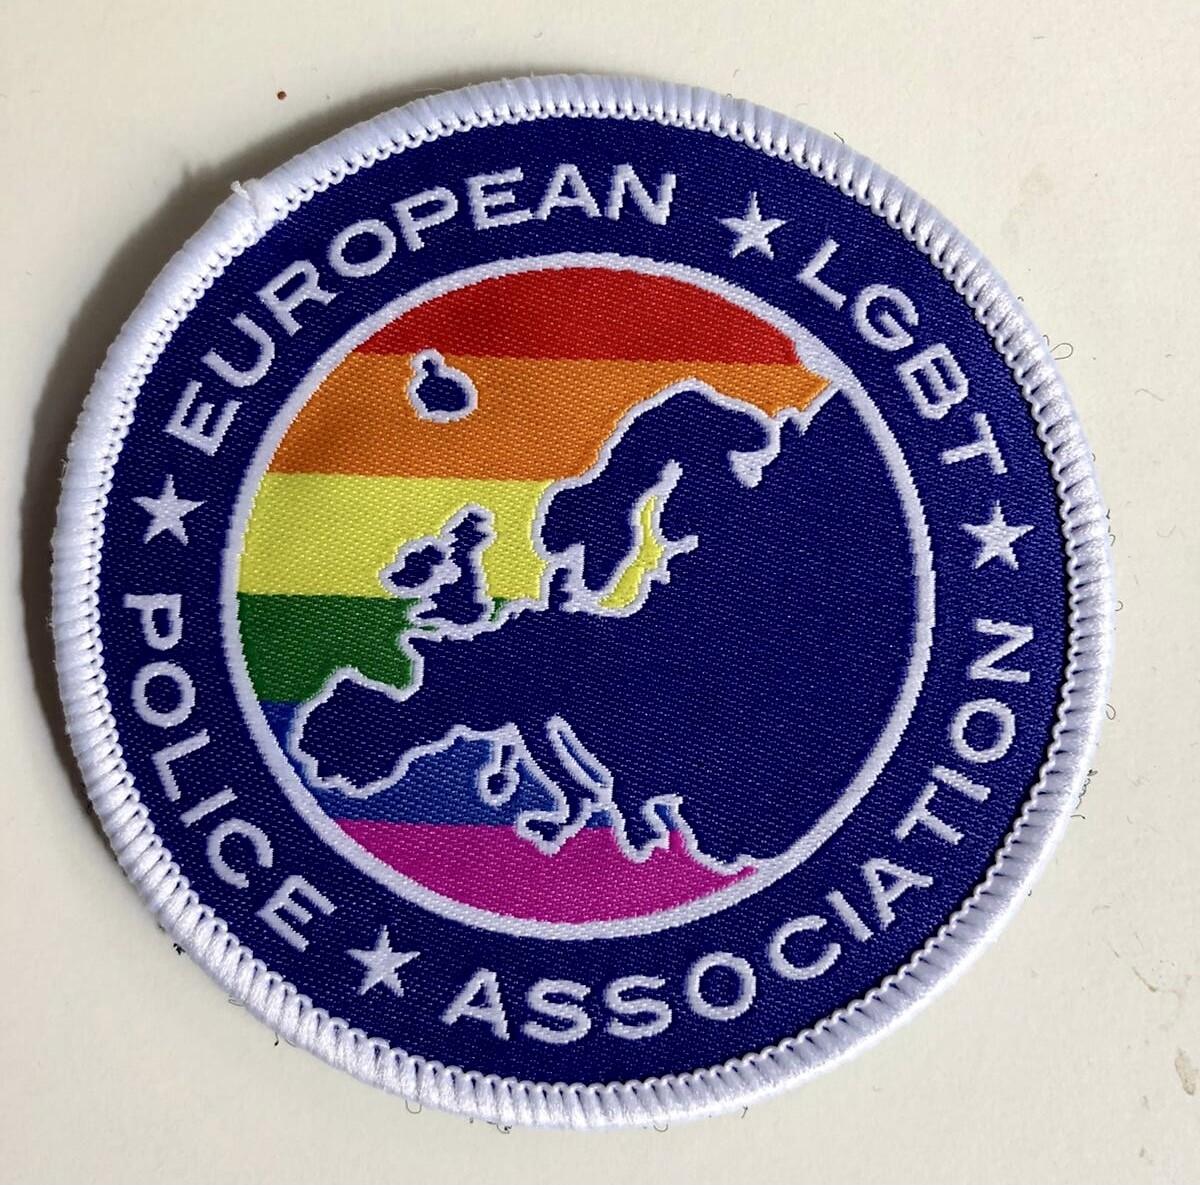 EGPA Patch Badge